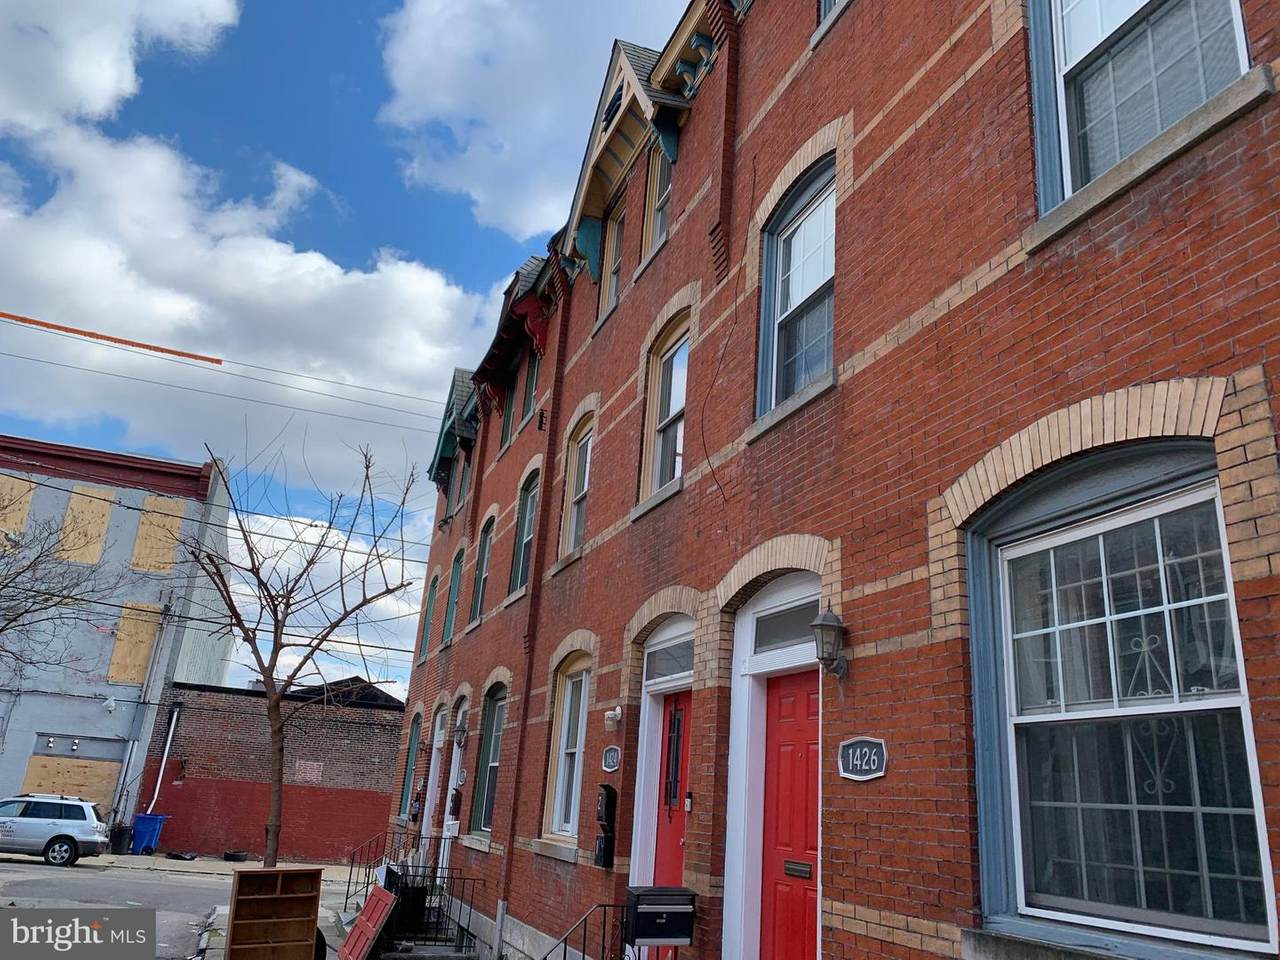 1429 Cambridge Street - Photo 1